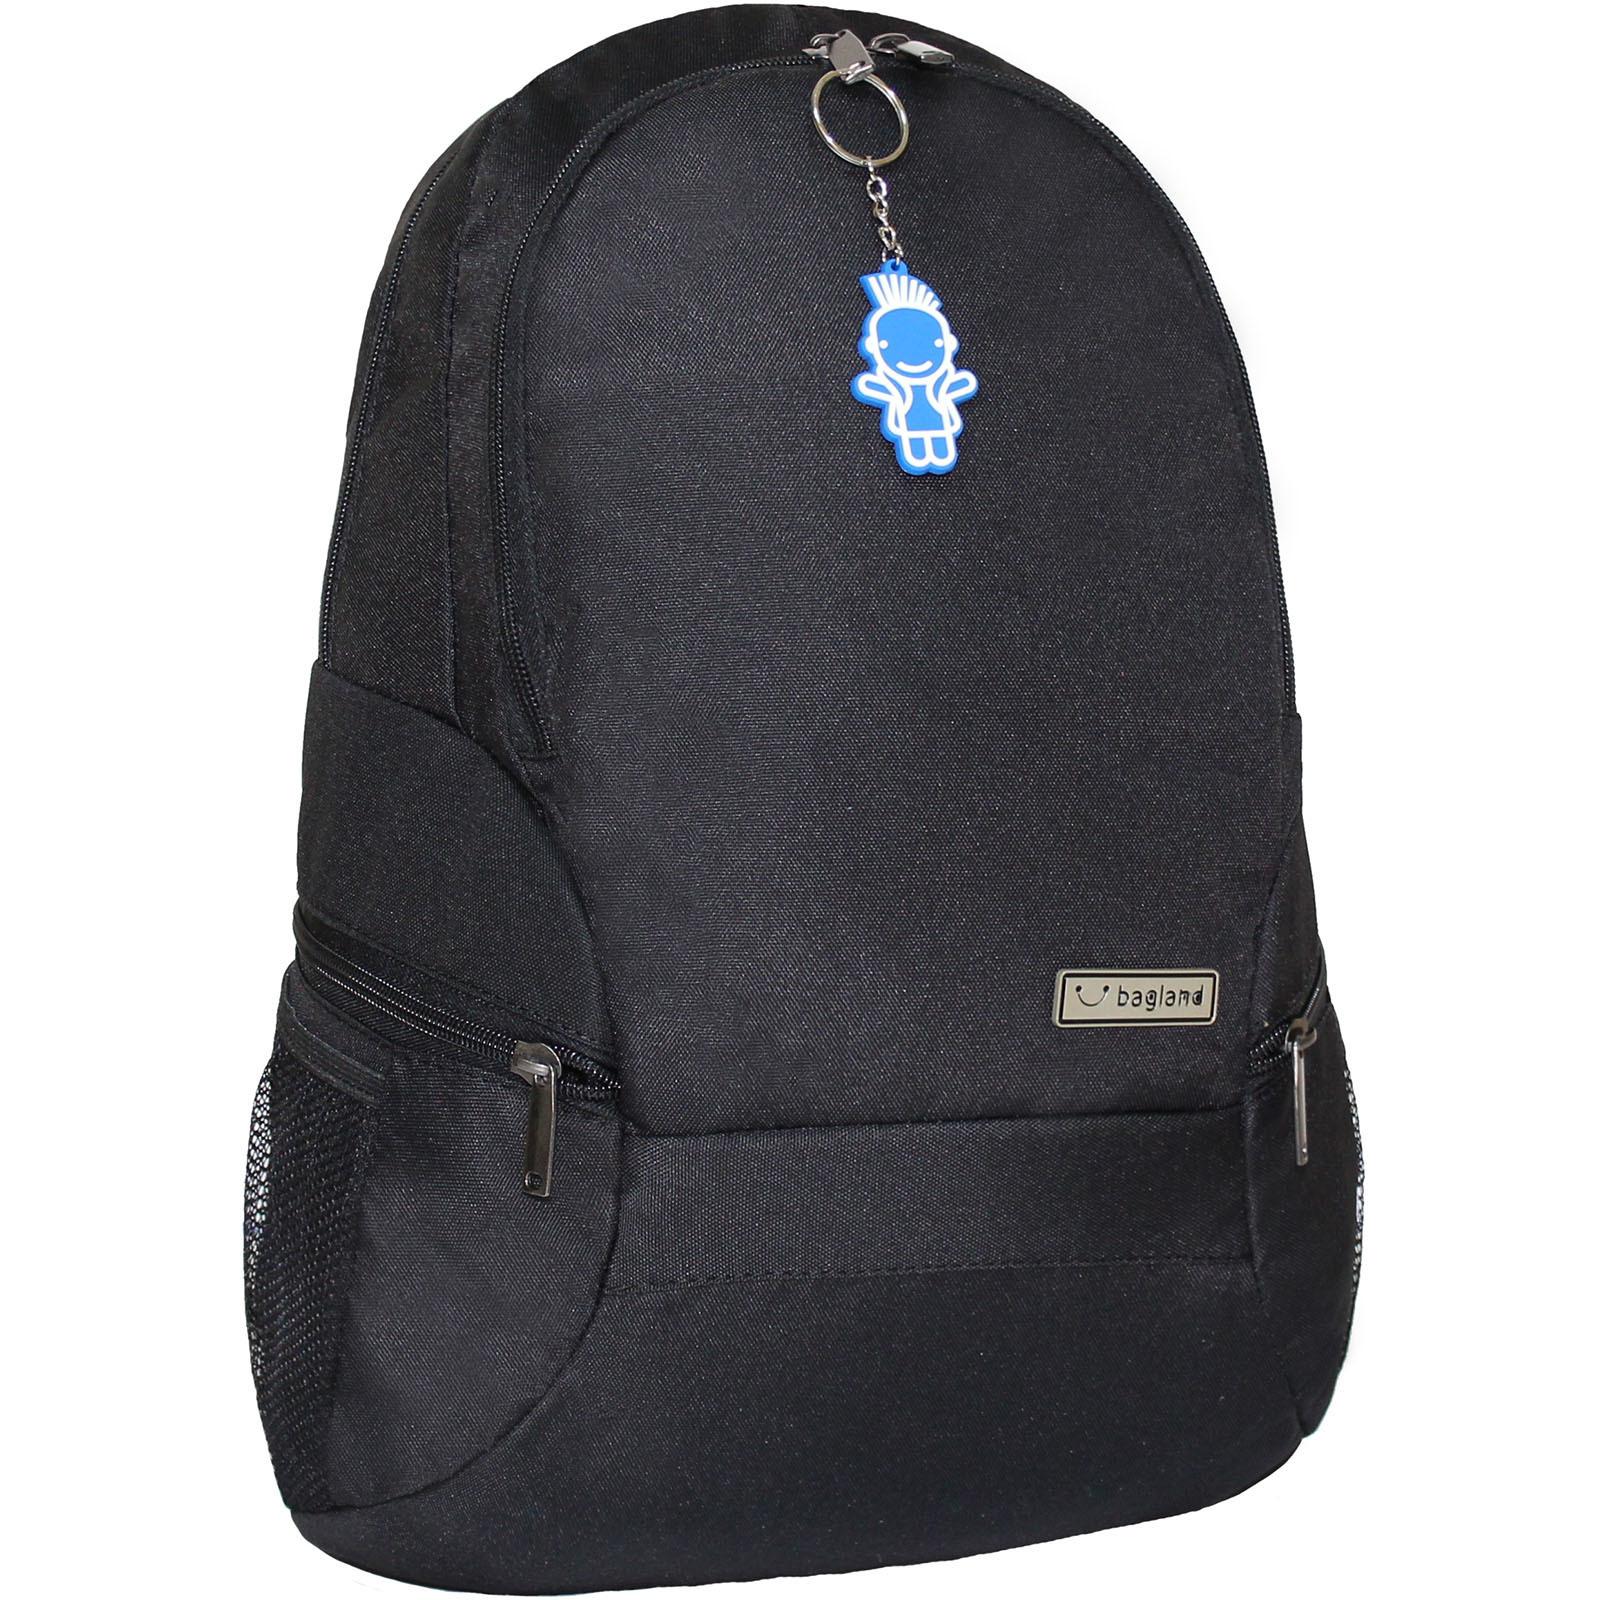 Городские рюкзаки Рюкзак Bagland Urban 20 л. Чёрный (0053066) IMG_8246.JPG